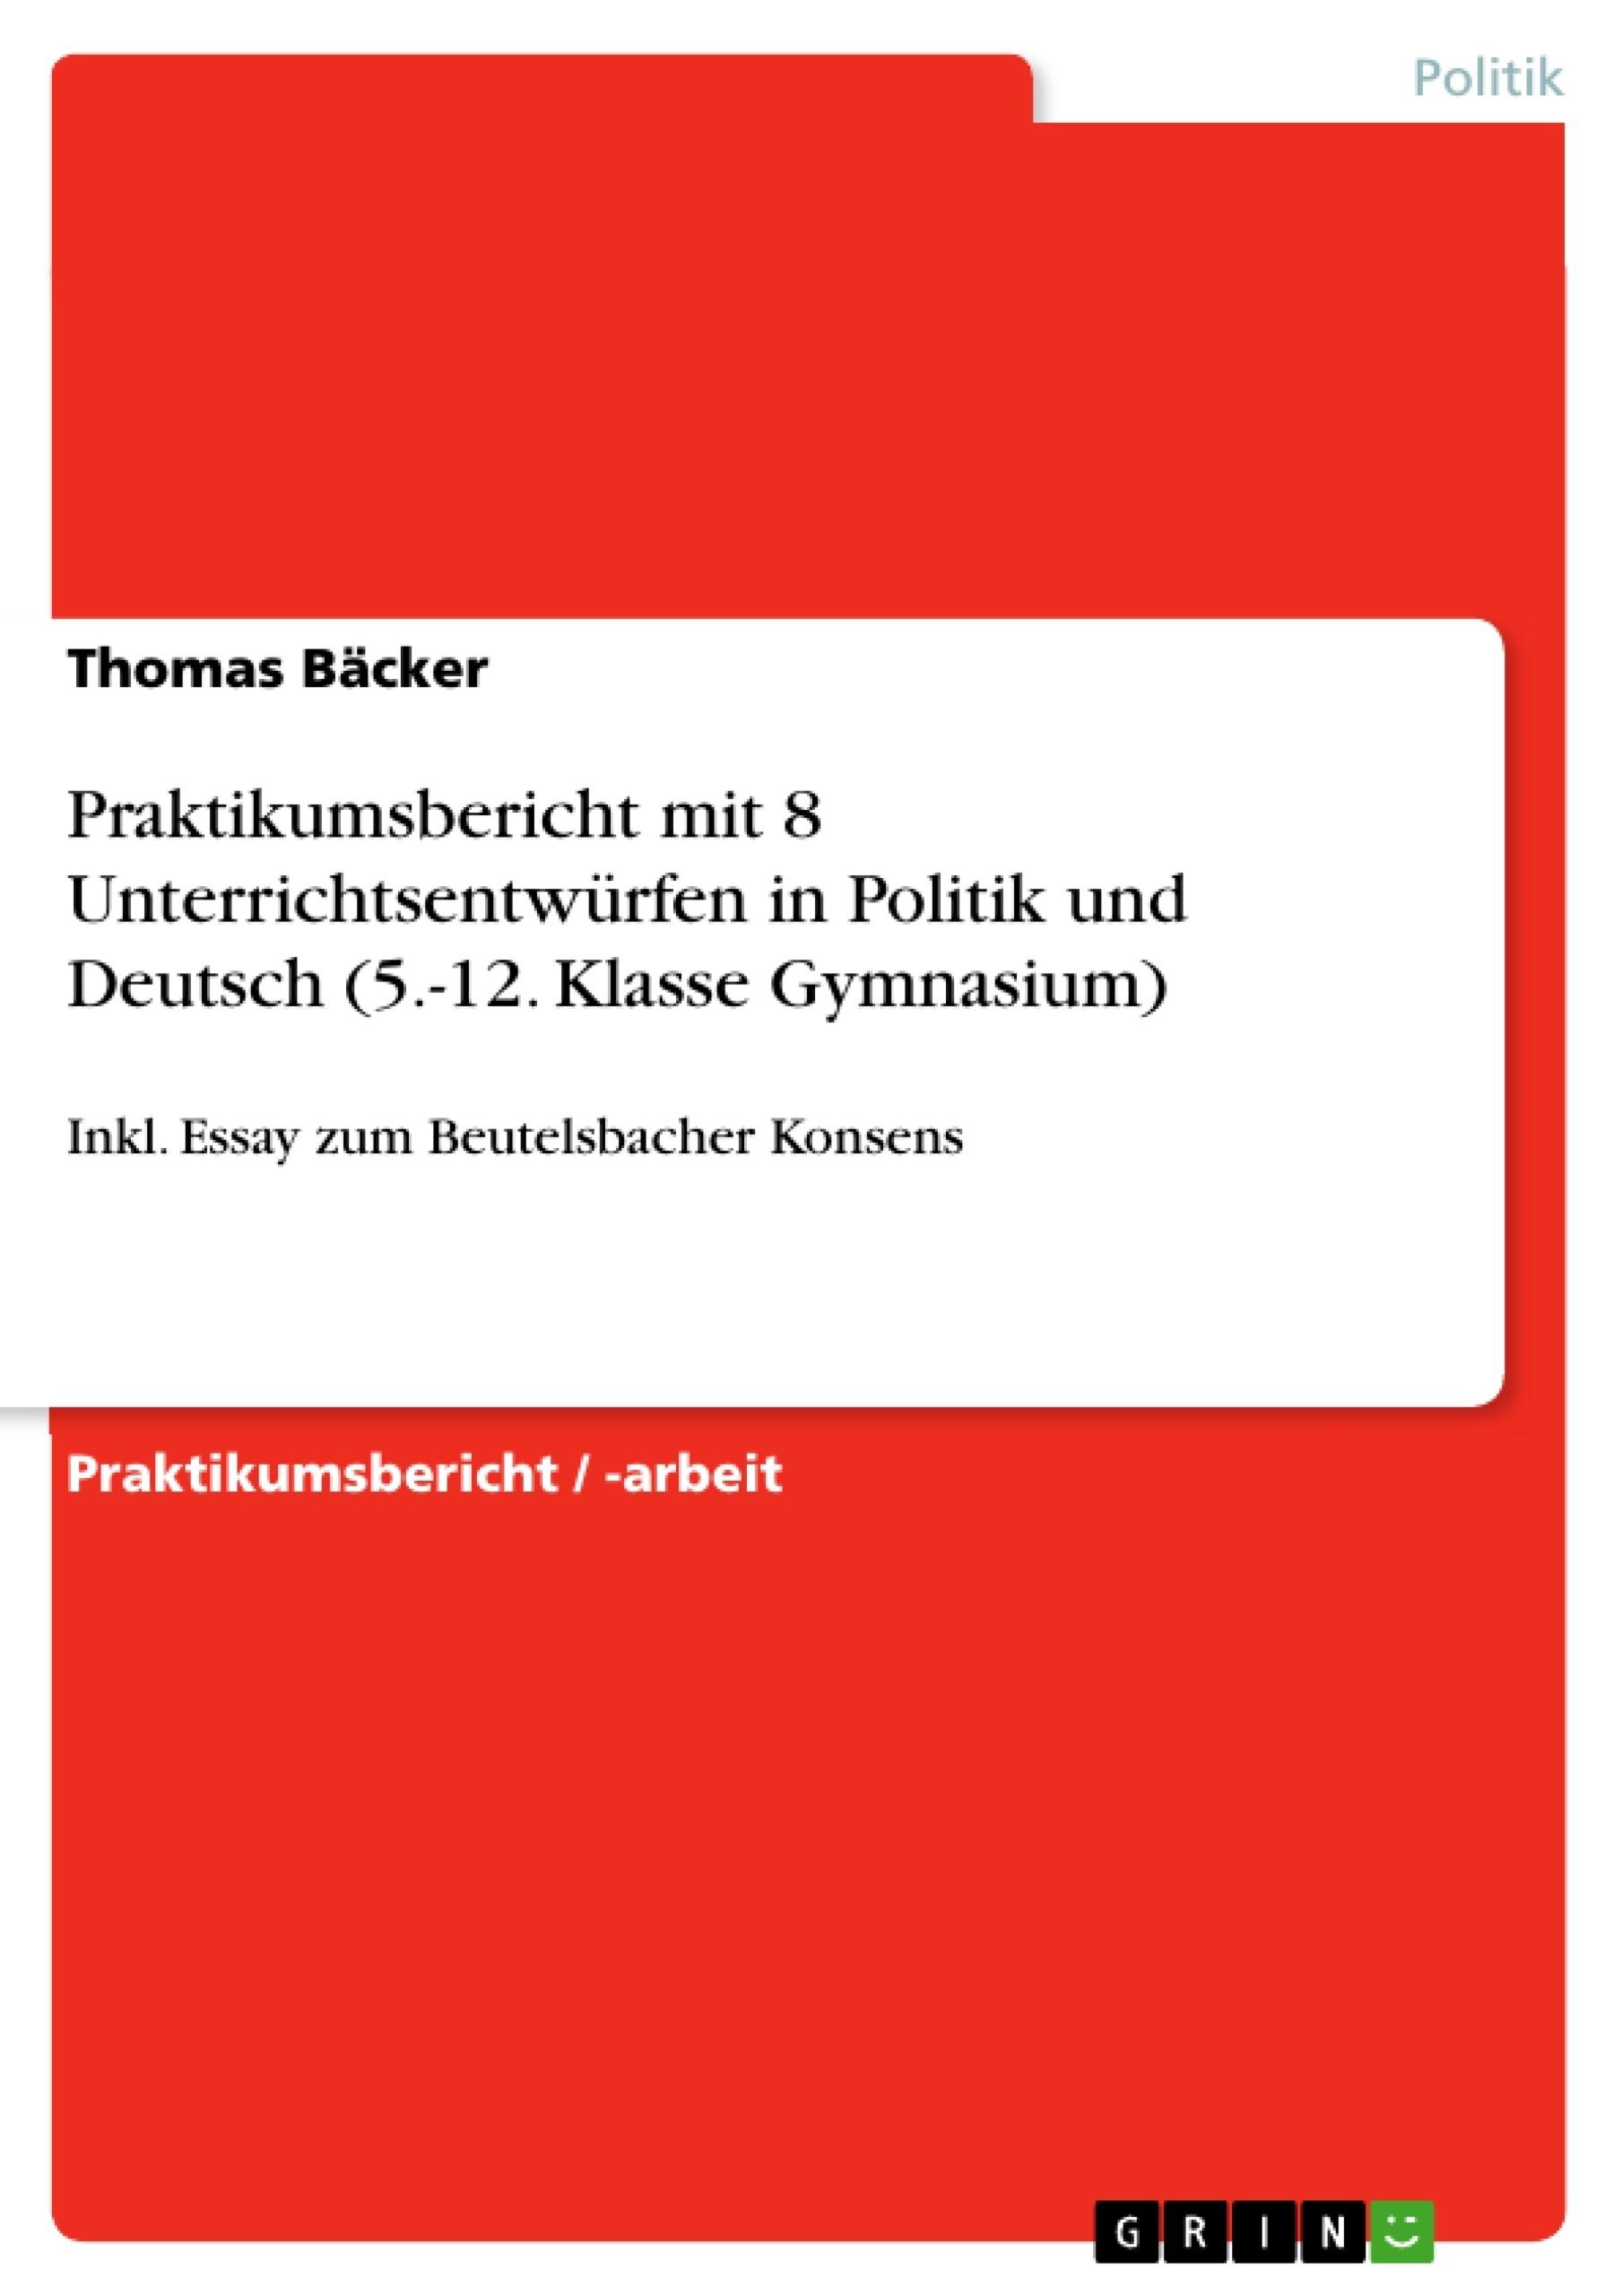 Titel: Praktikumsbericht mit 8 Unterrichtsentwürfen in Politik und Deutsch (5.-12. Klasse Gymnasium)